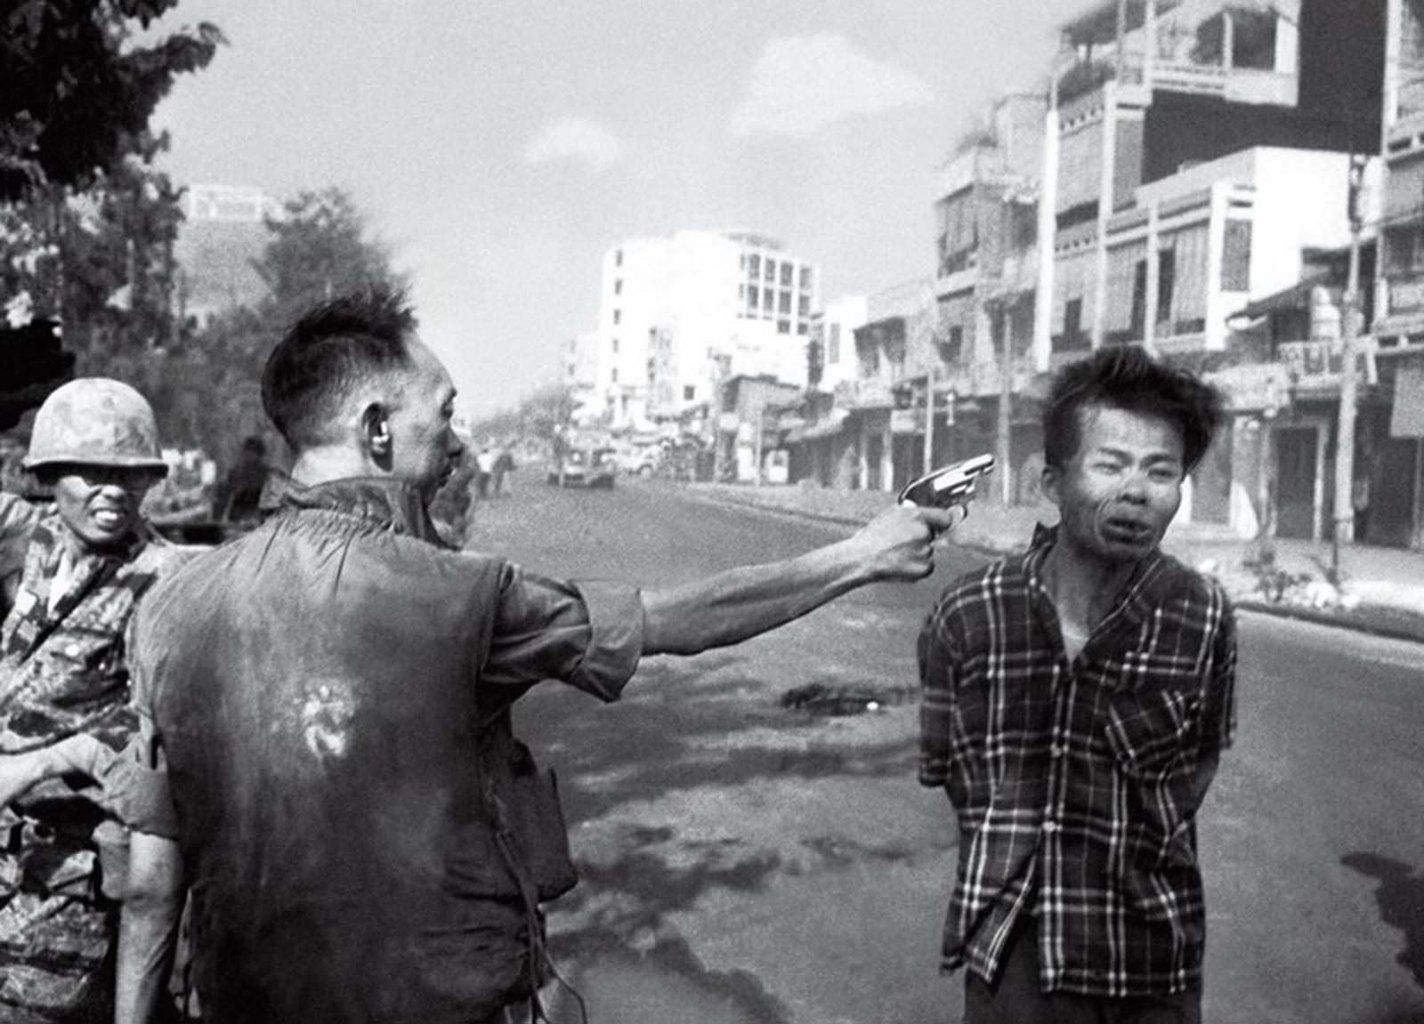 history photo Saigon Execution, Eddie Adams, 1968